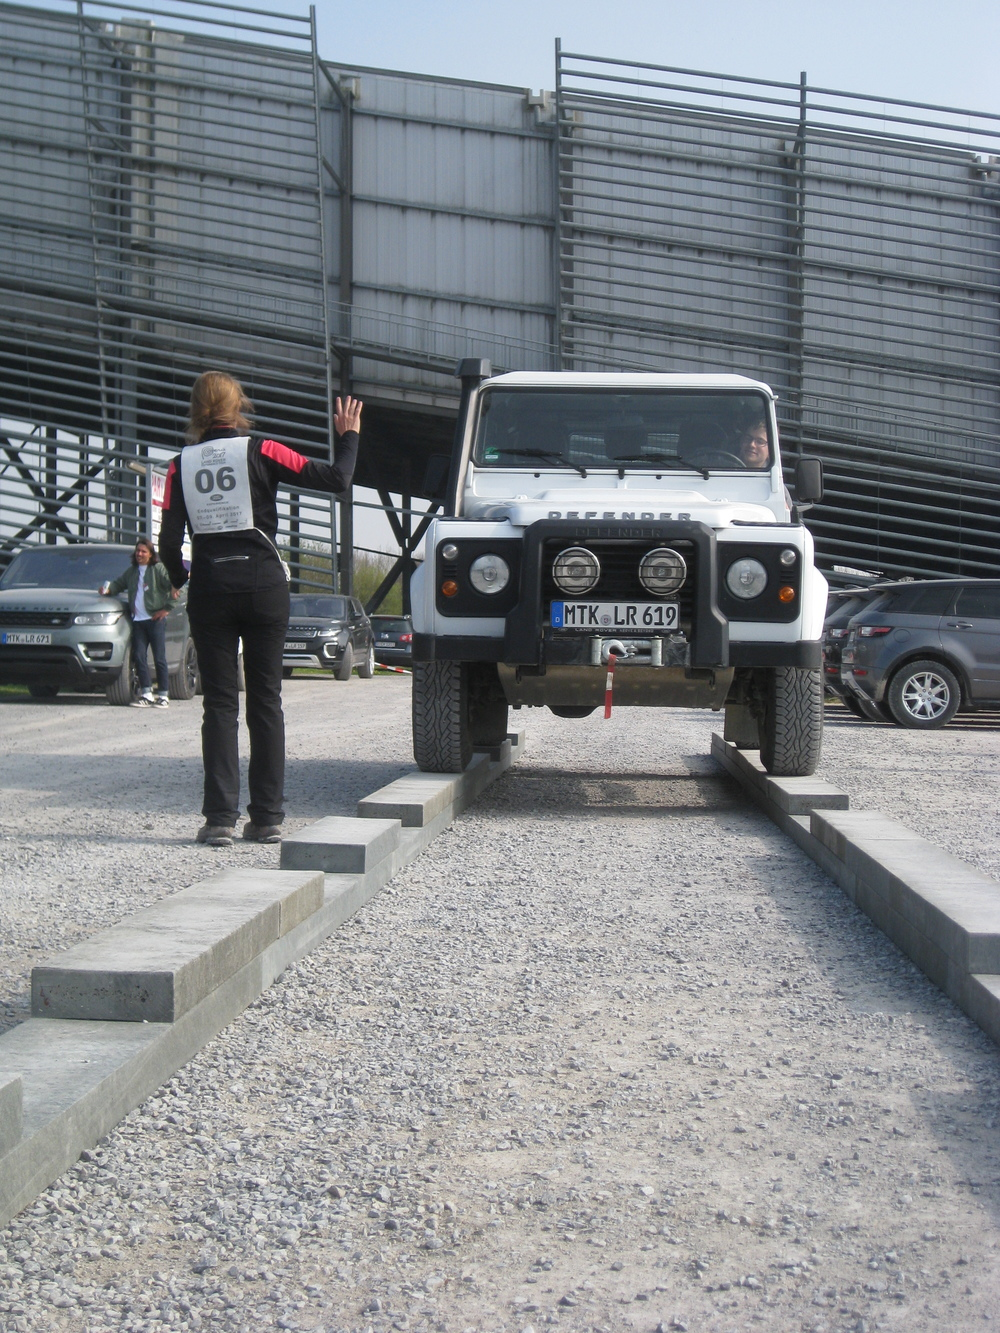 Teamwork mit dem Land Rover Defender